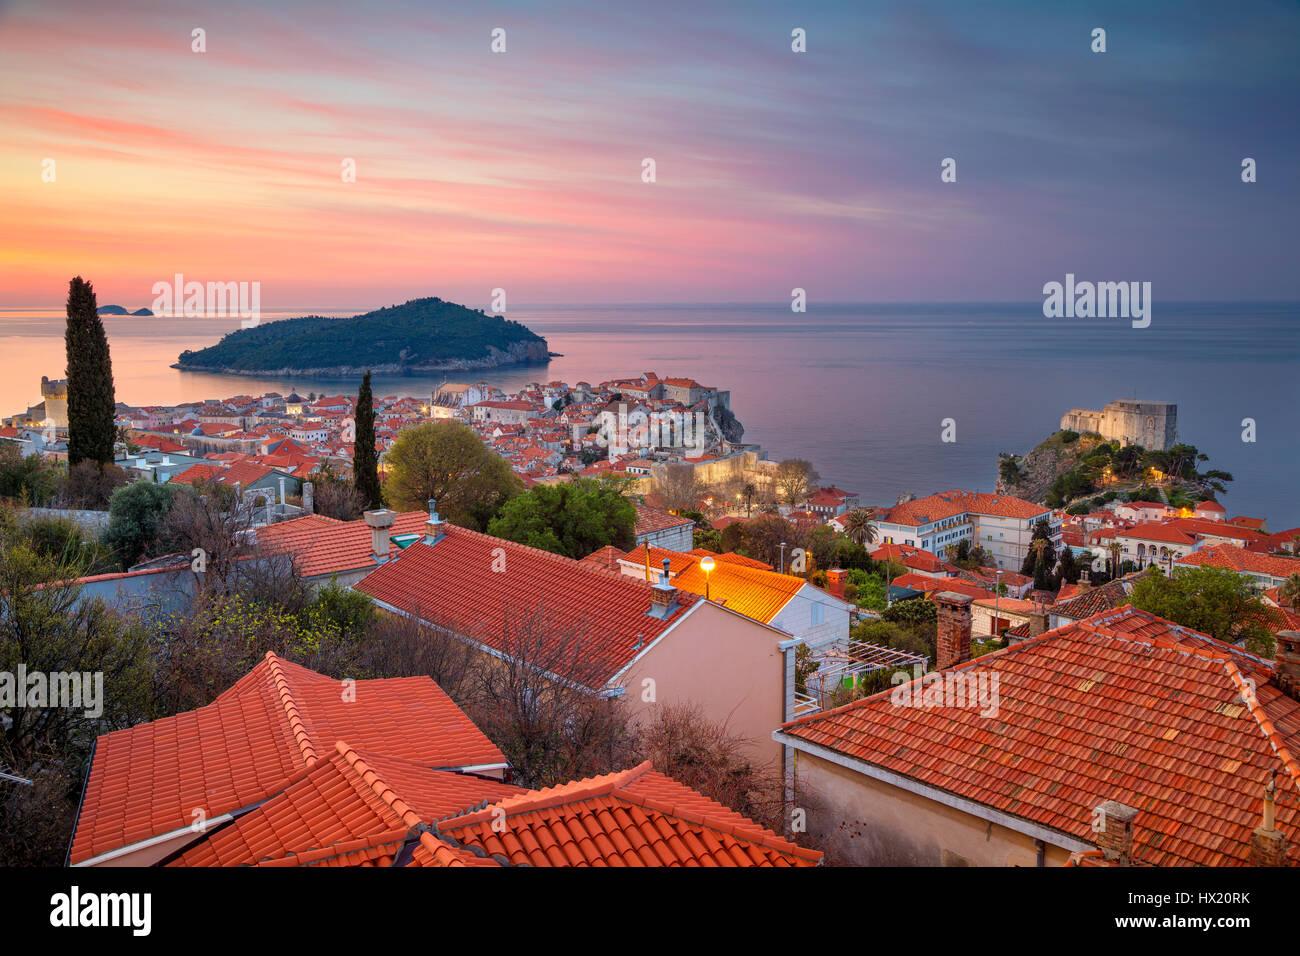 Dubrovnik, Croazia. Splendida e romantica città vecchia di Dubrovnik durante il sunrise. Immagini Stock